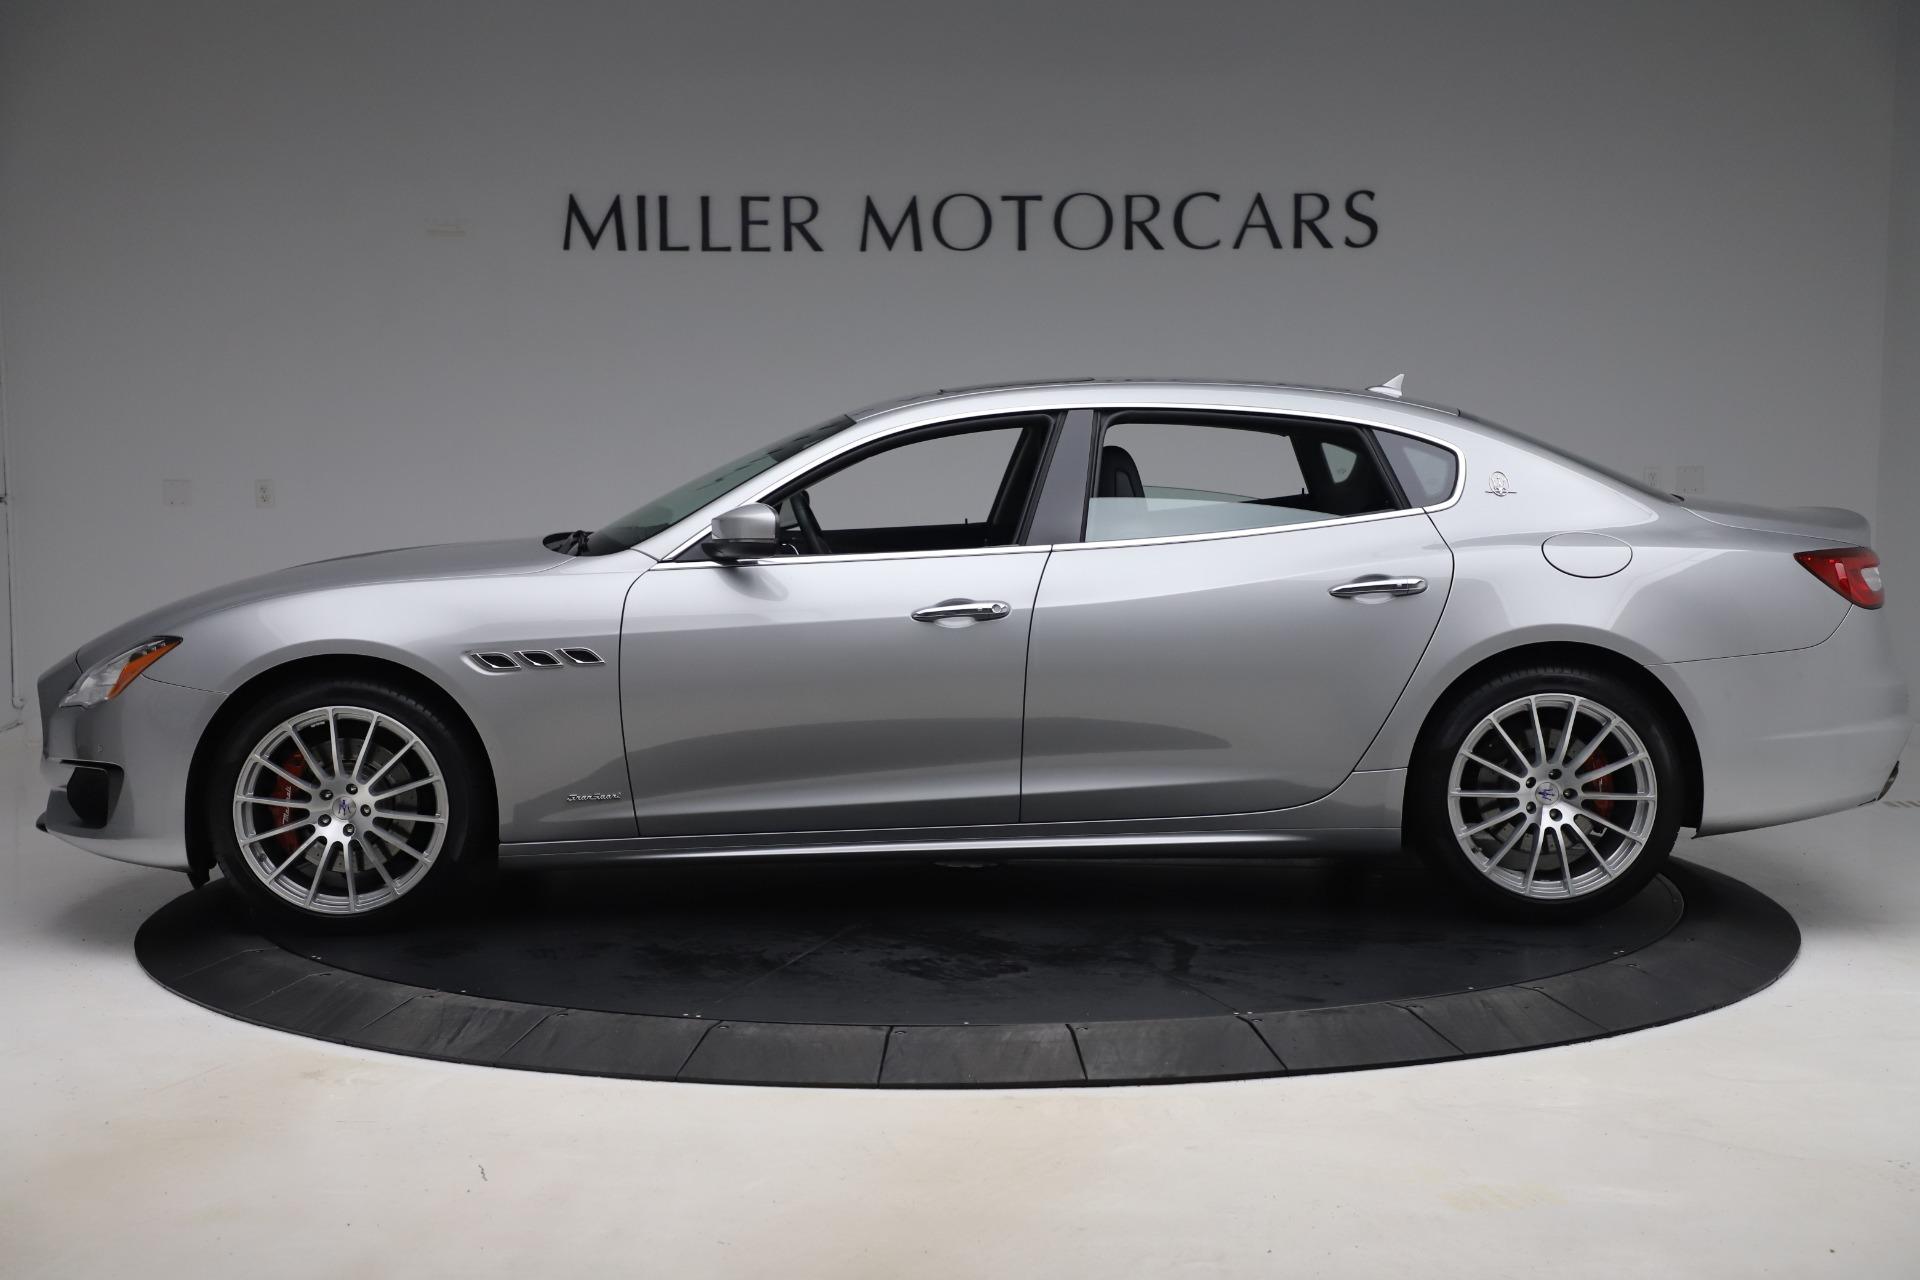 New 2017 Maserati Quattroporte S Q4 GranSport For Sale In Greenwich, CT 693_p3